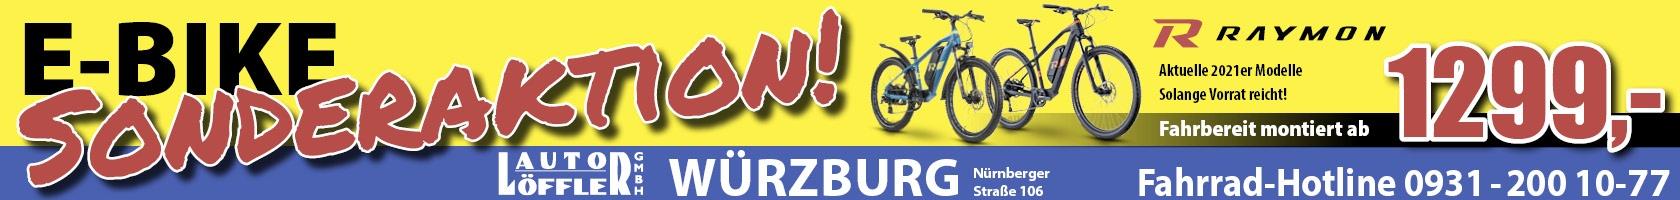 E-Bike Sonderverkauf Löffler Würzburg